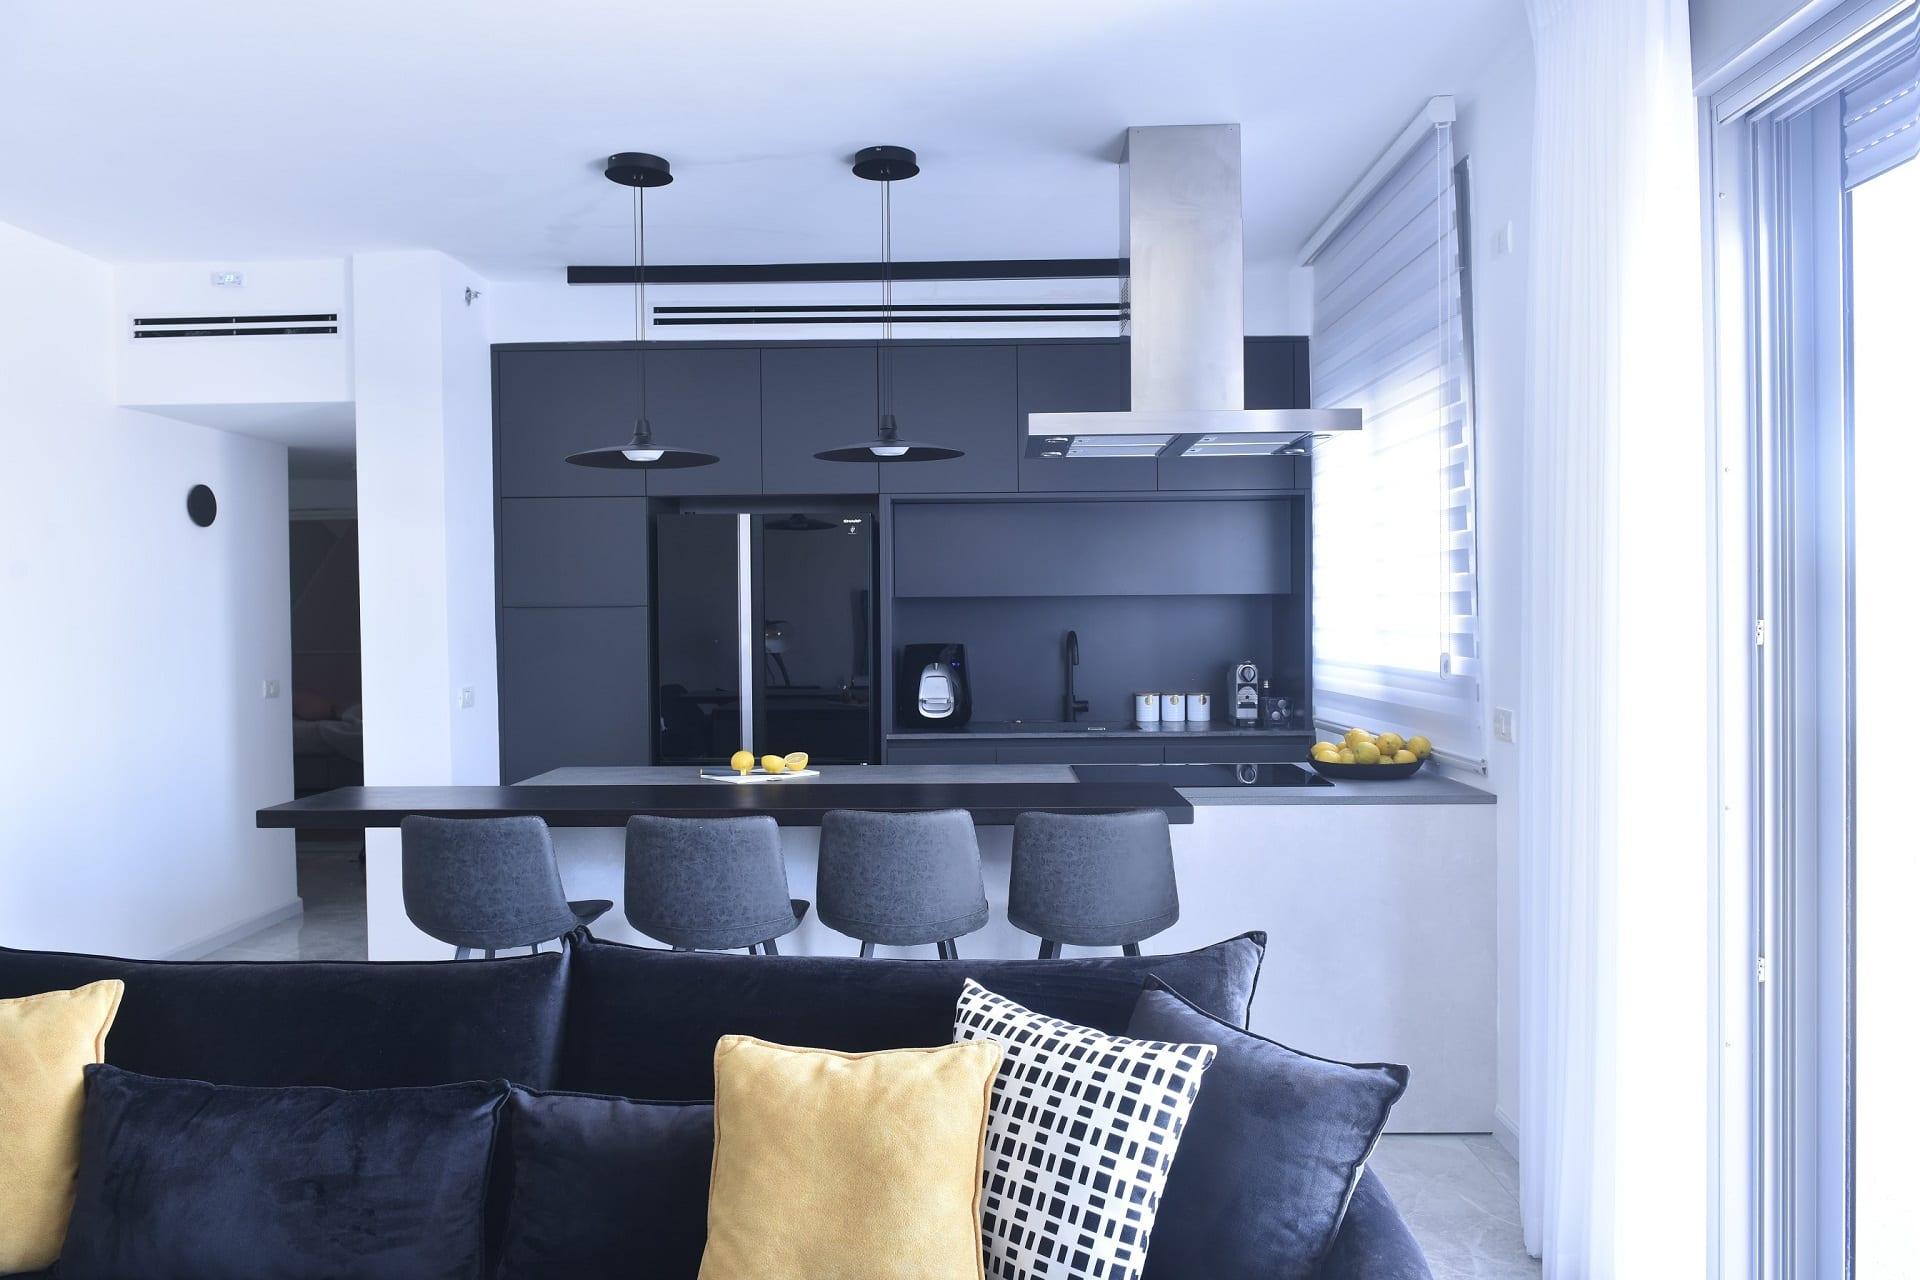 מטבח אפור כהה בצבע בטון עם עץ